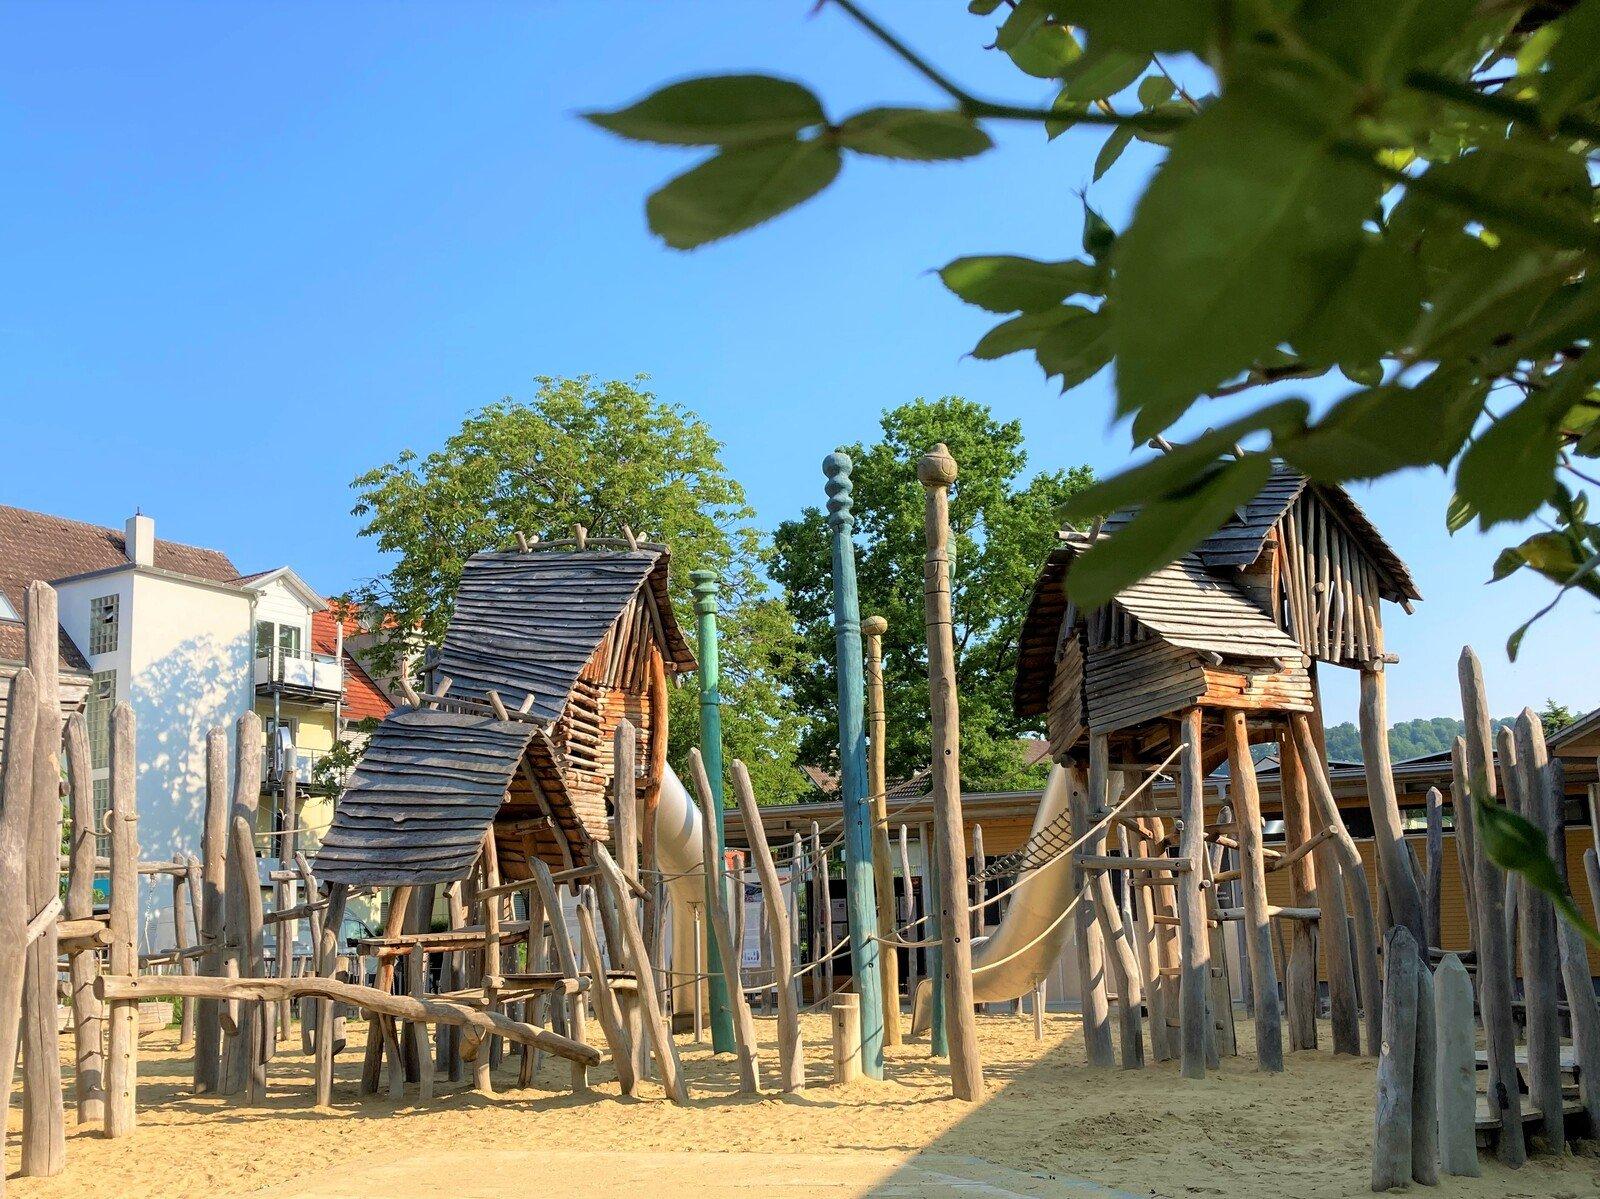 Welterbe-Abenteuer-Spielplatz Ludwigshafen